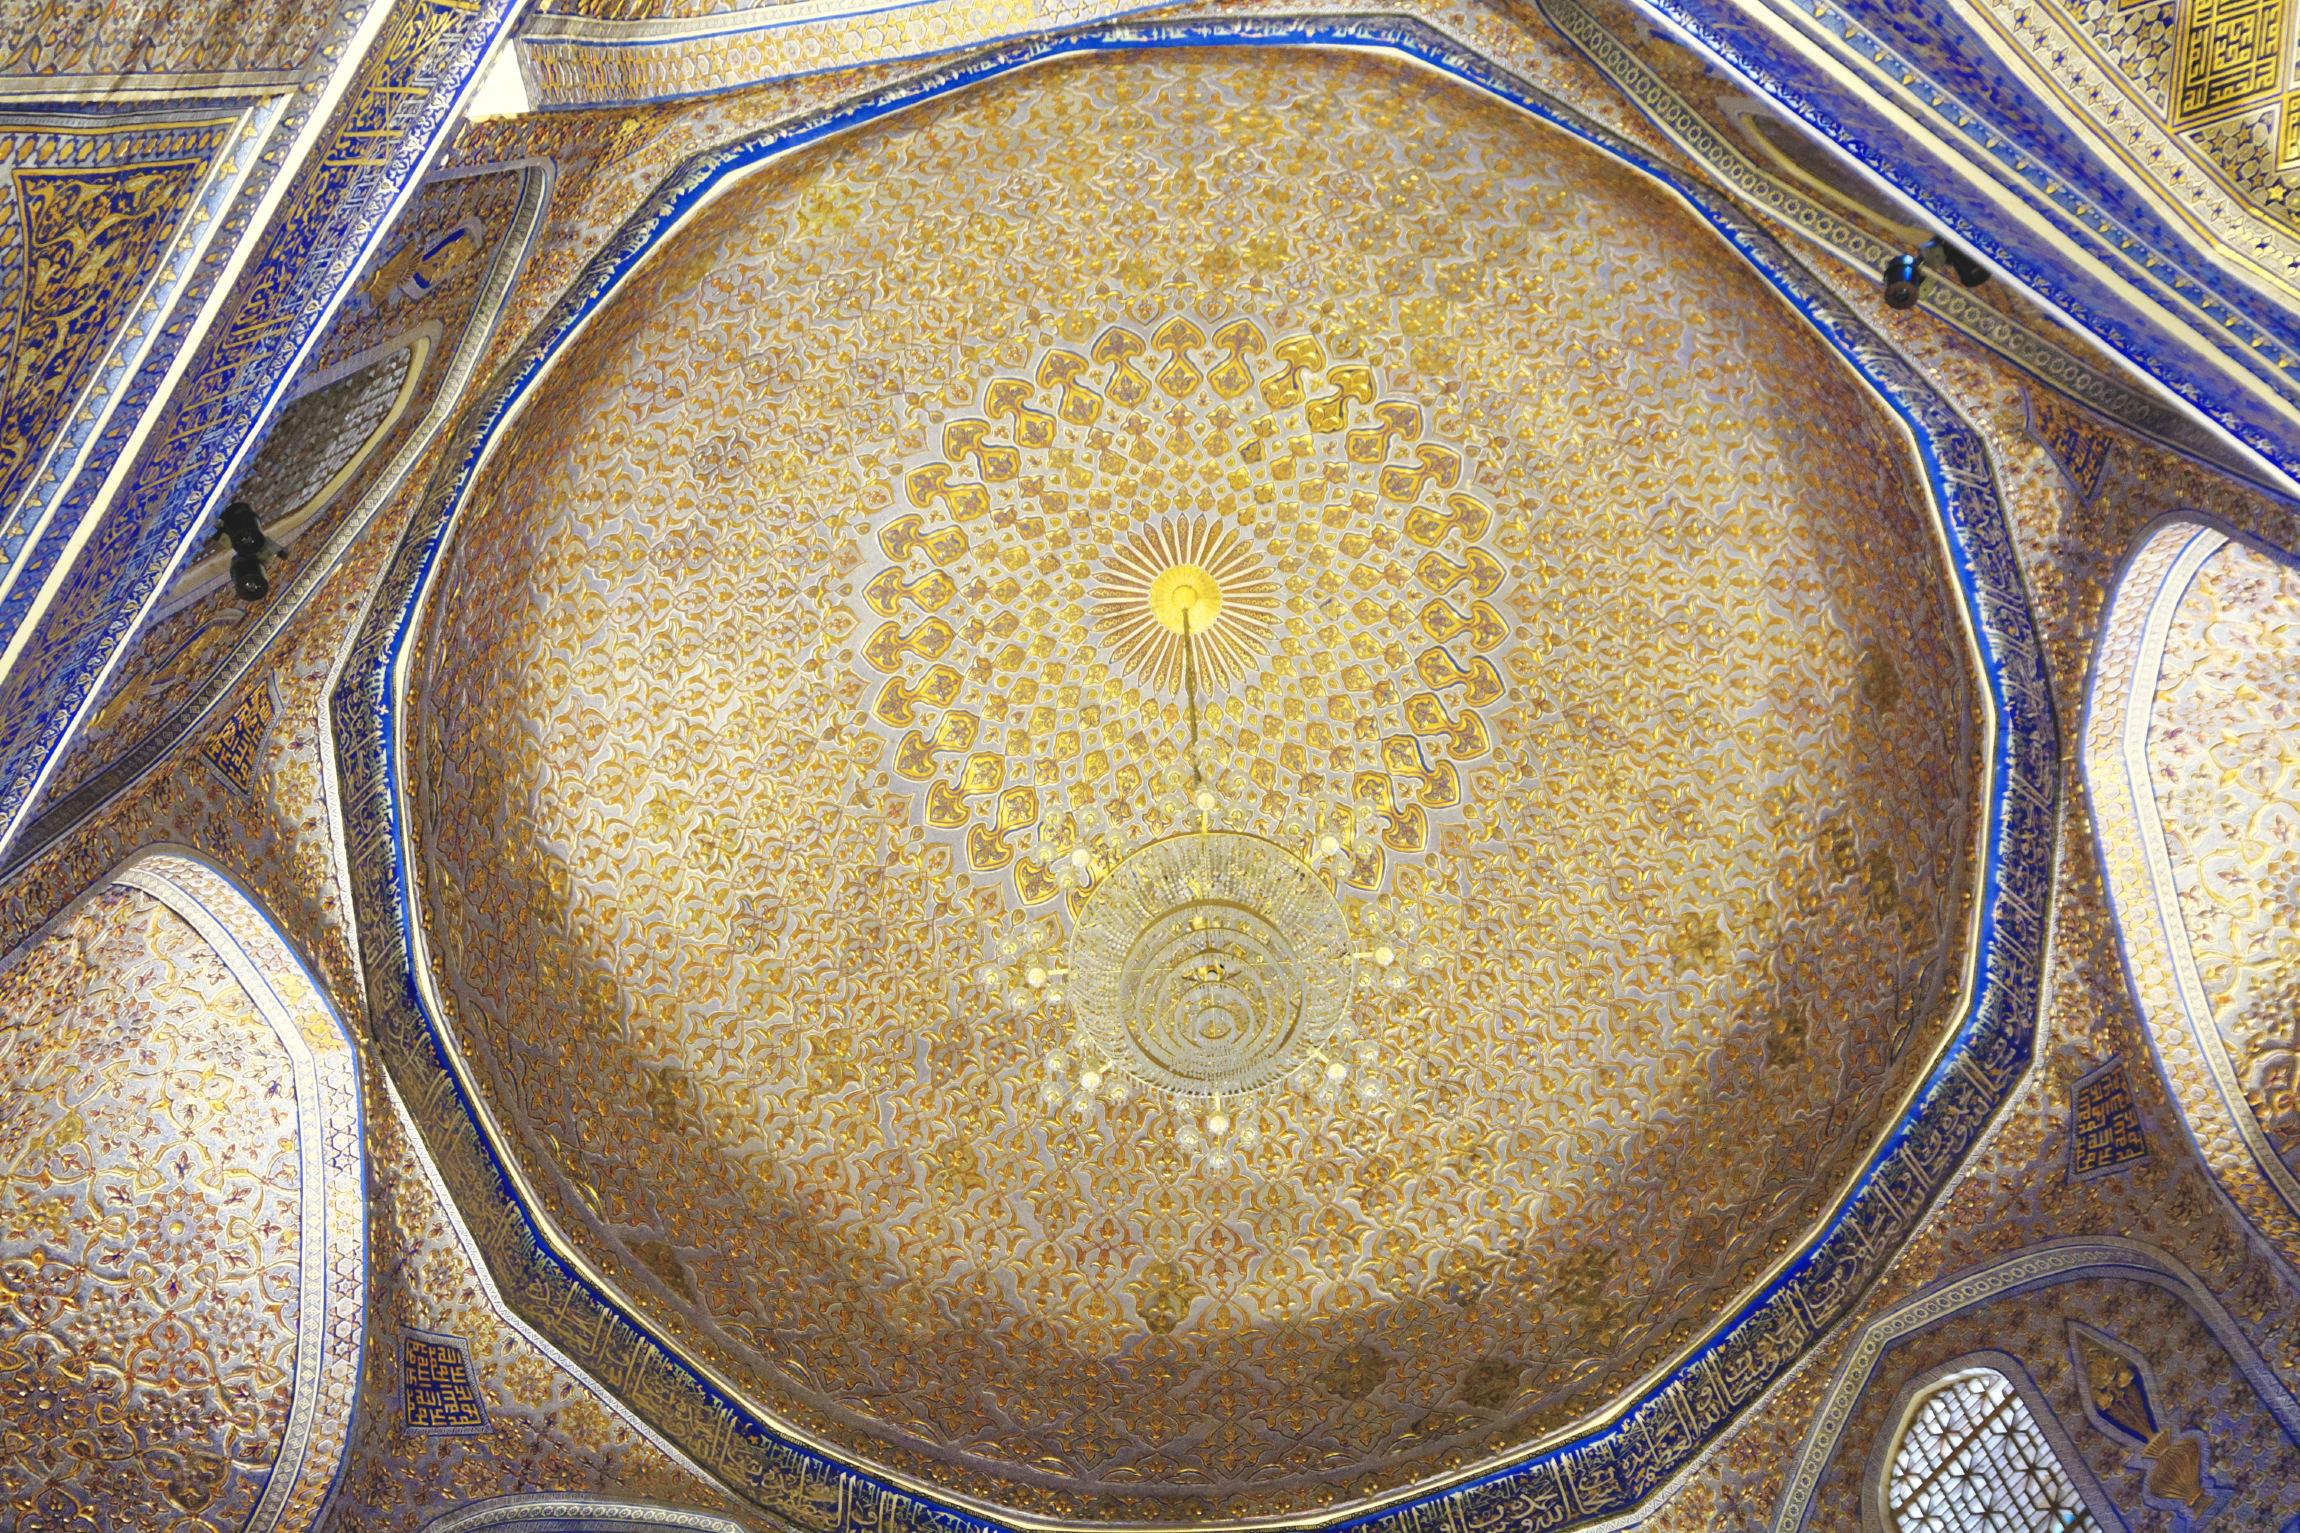 Plafond mausolée Gur e Amir Samarcande